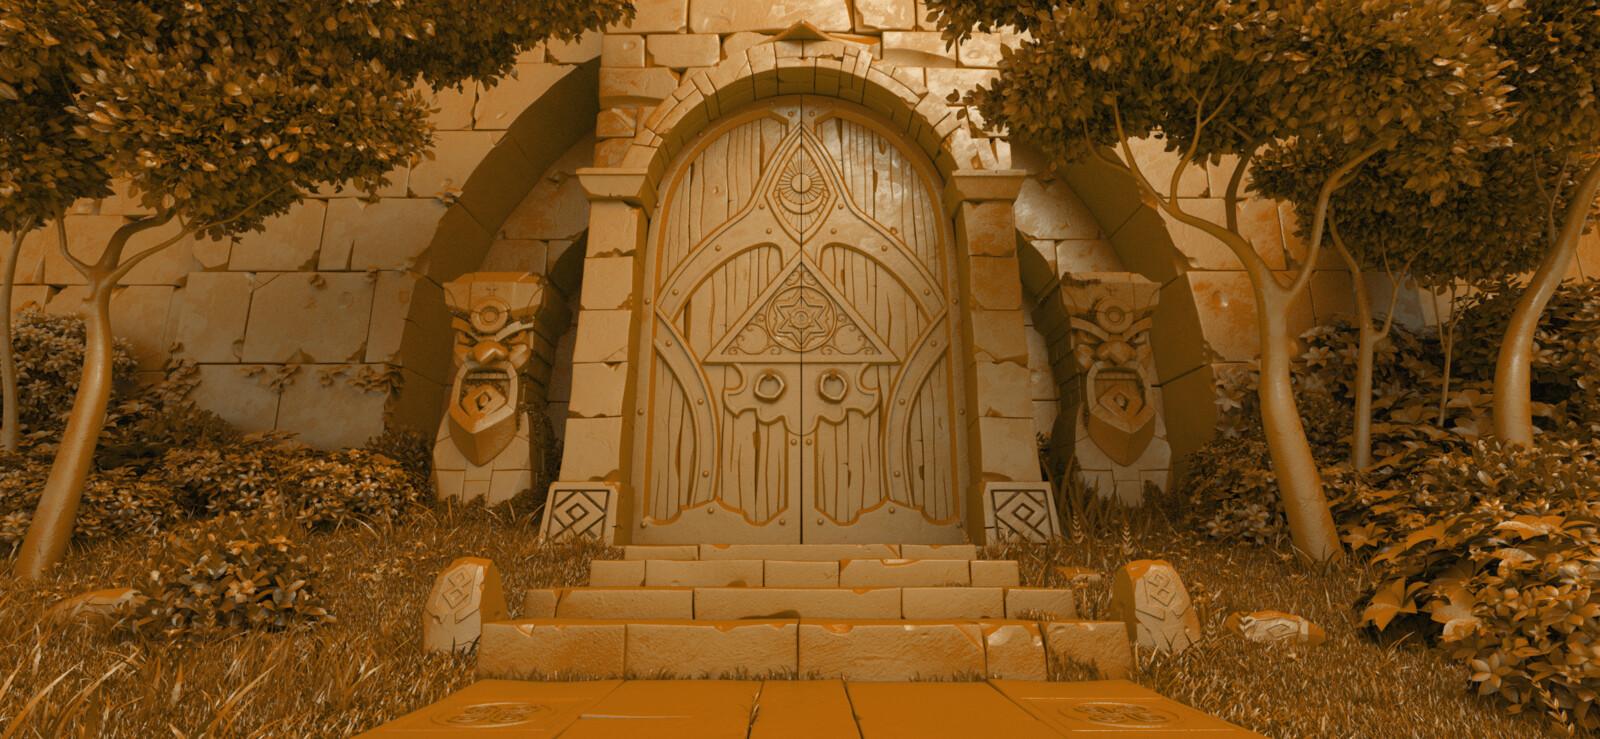 Seven Guardians Gate, modeling